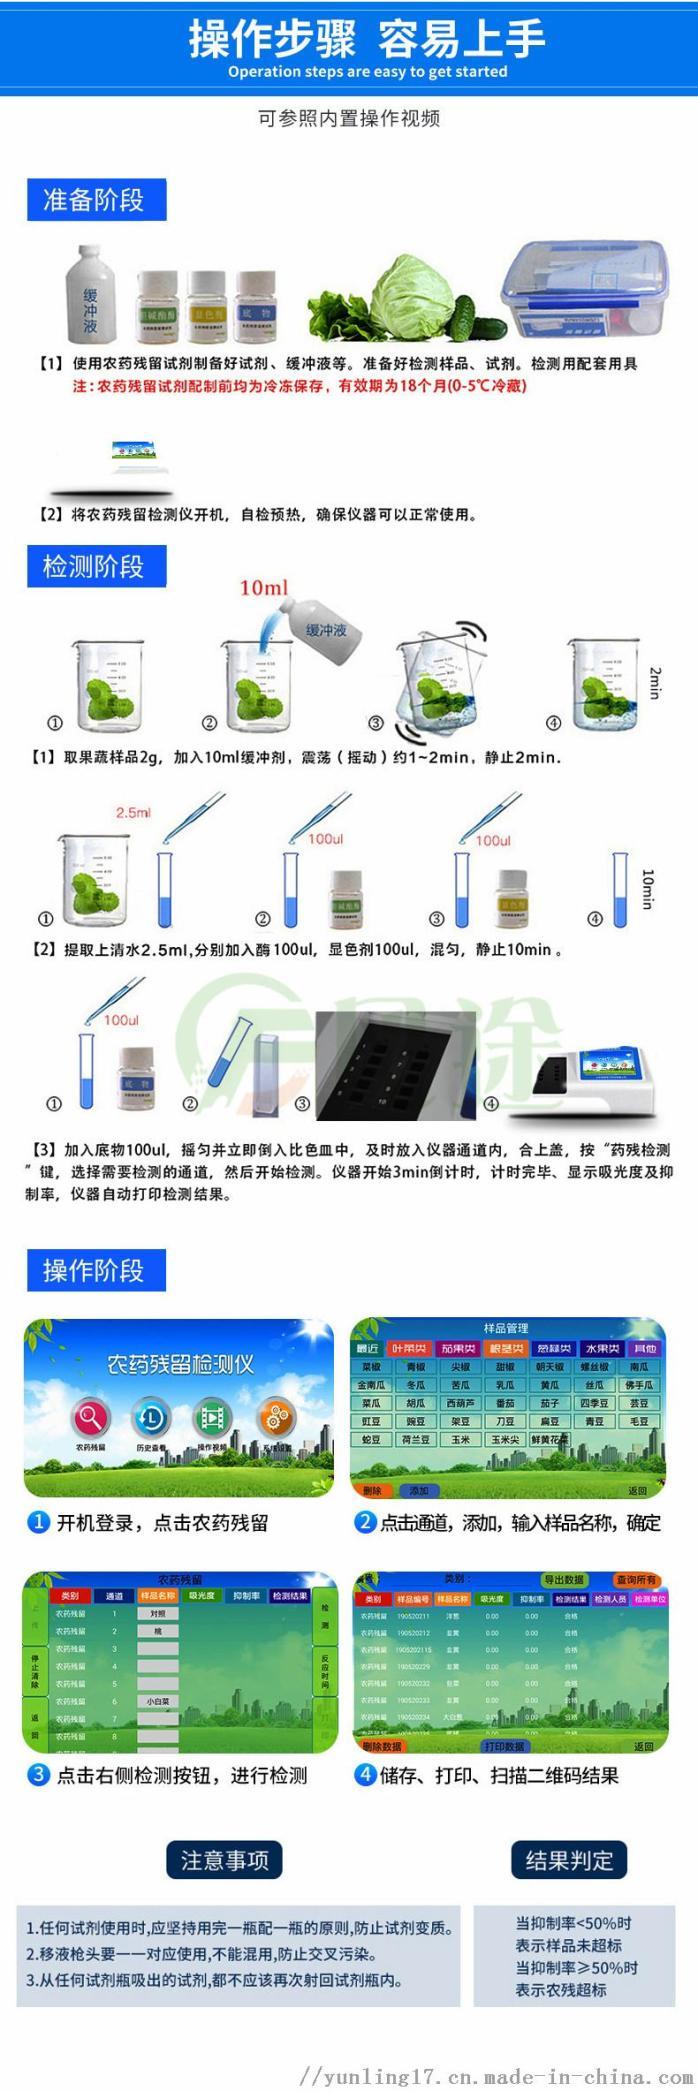 1_看图王(11)_08 拷贝.jpg